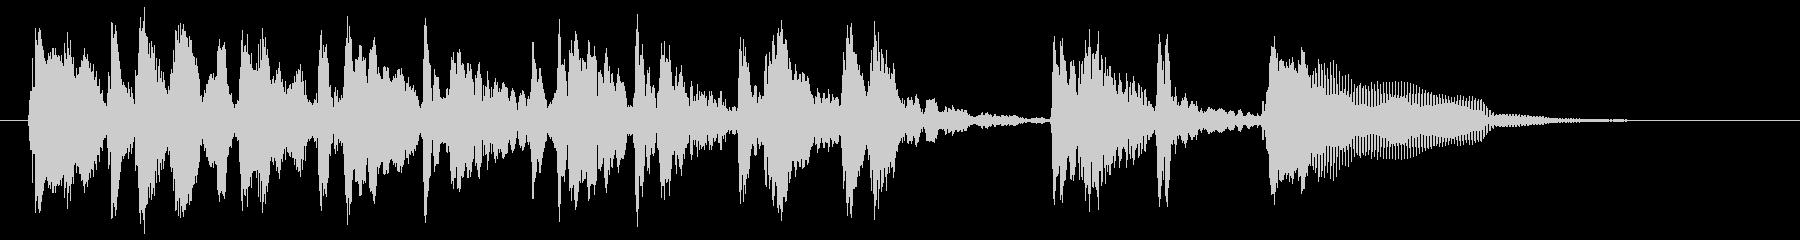 ウッドベースによるダンディなサウンドロゴの未再生の波形